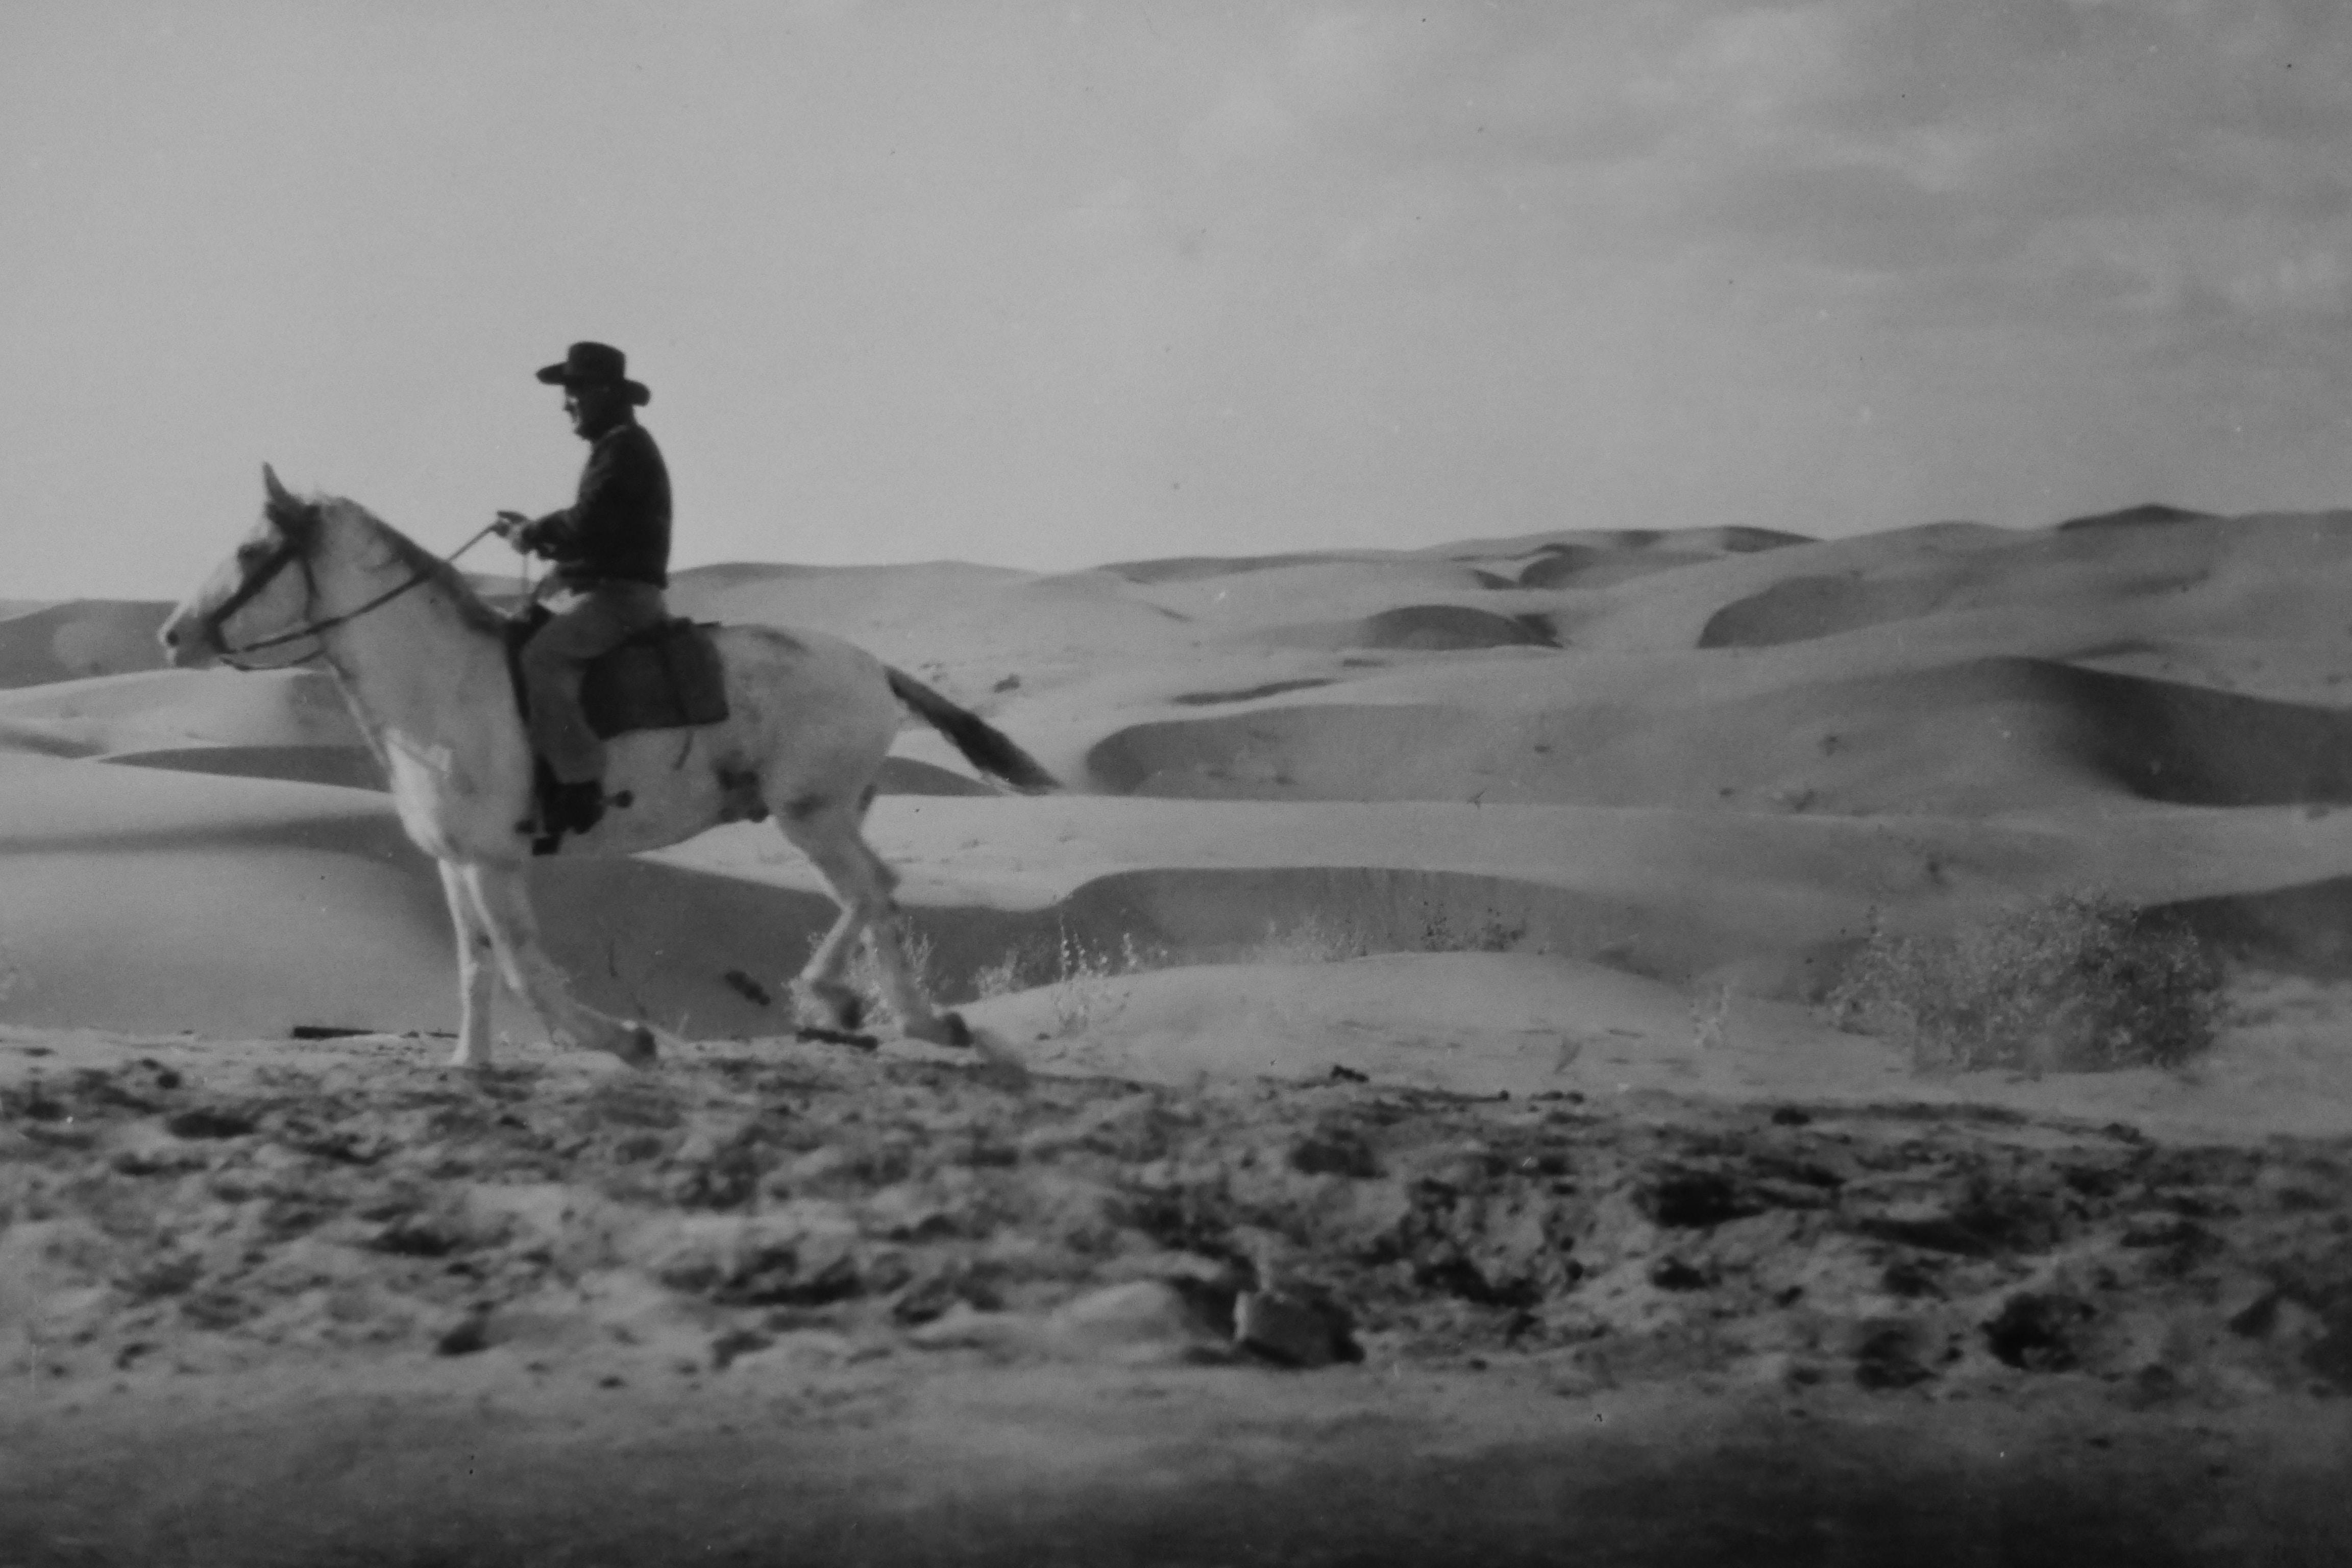 man riding horse on desert